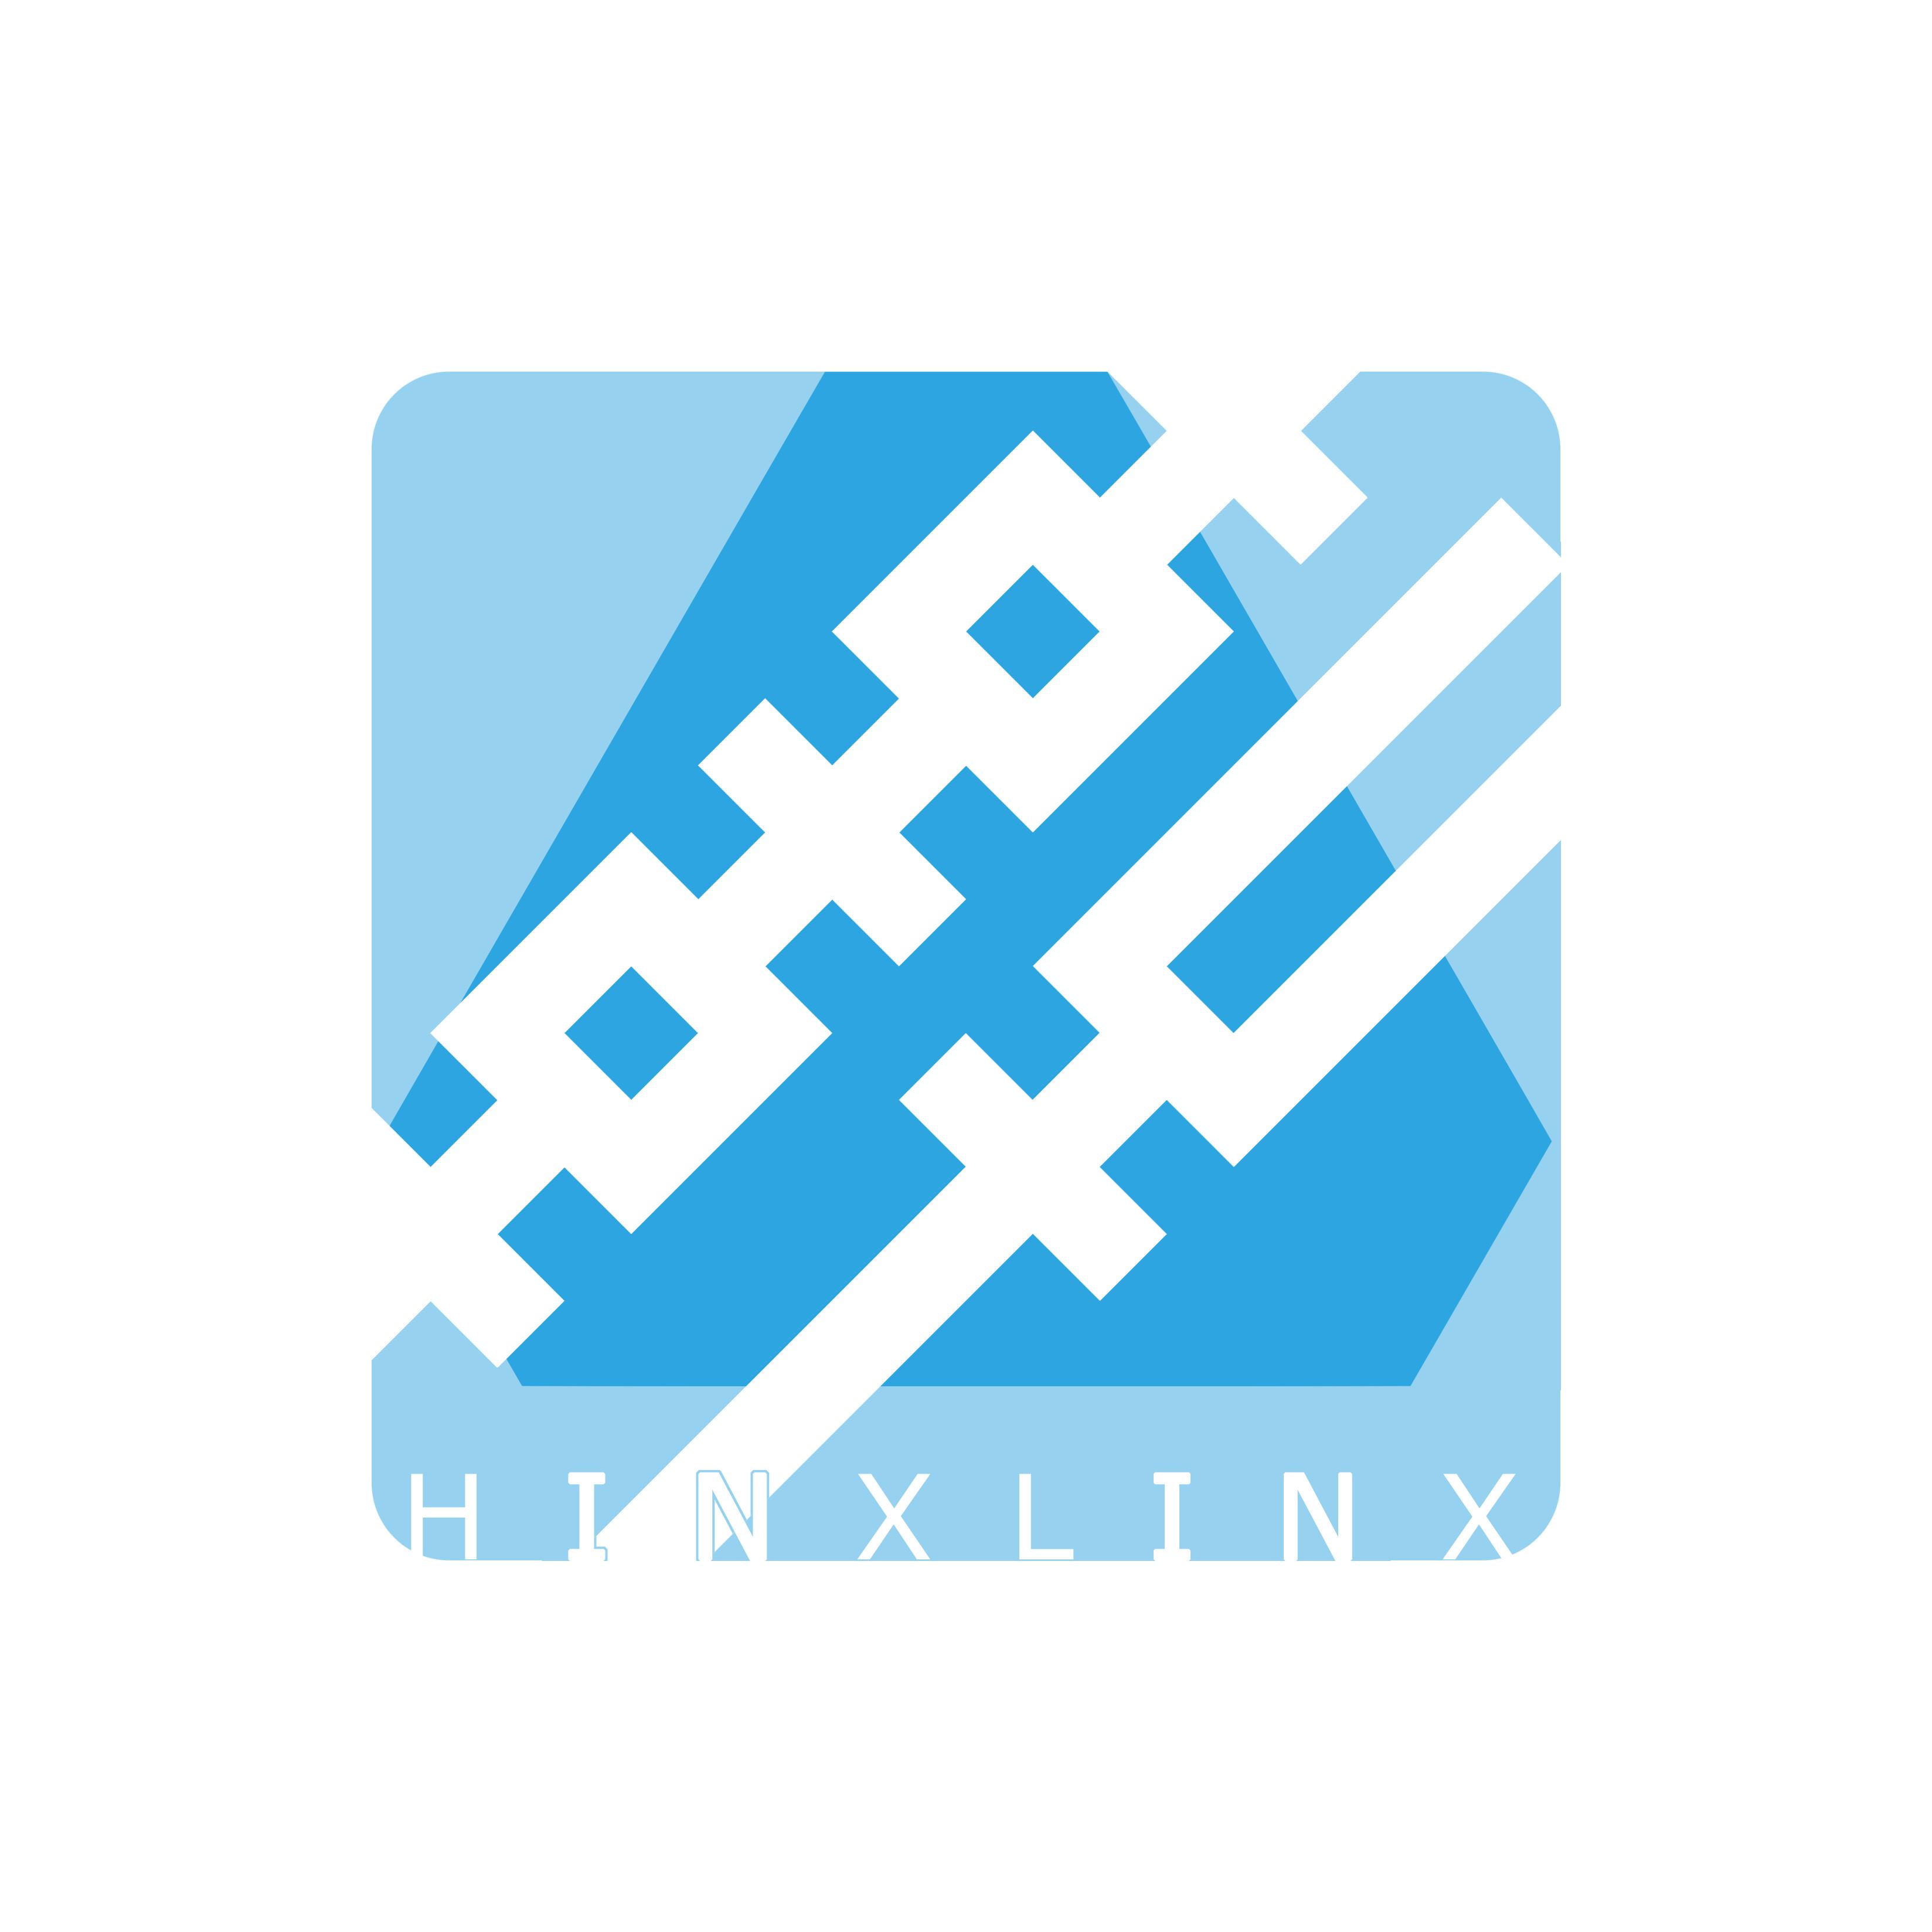 hinxlinx ArtStation Avatar 2019 II